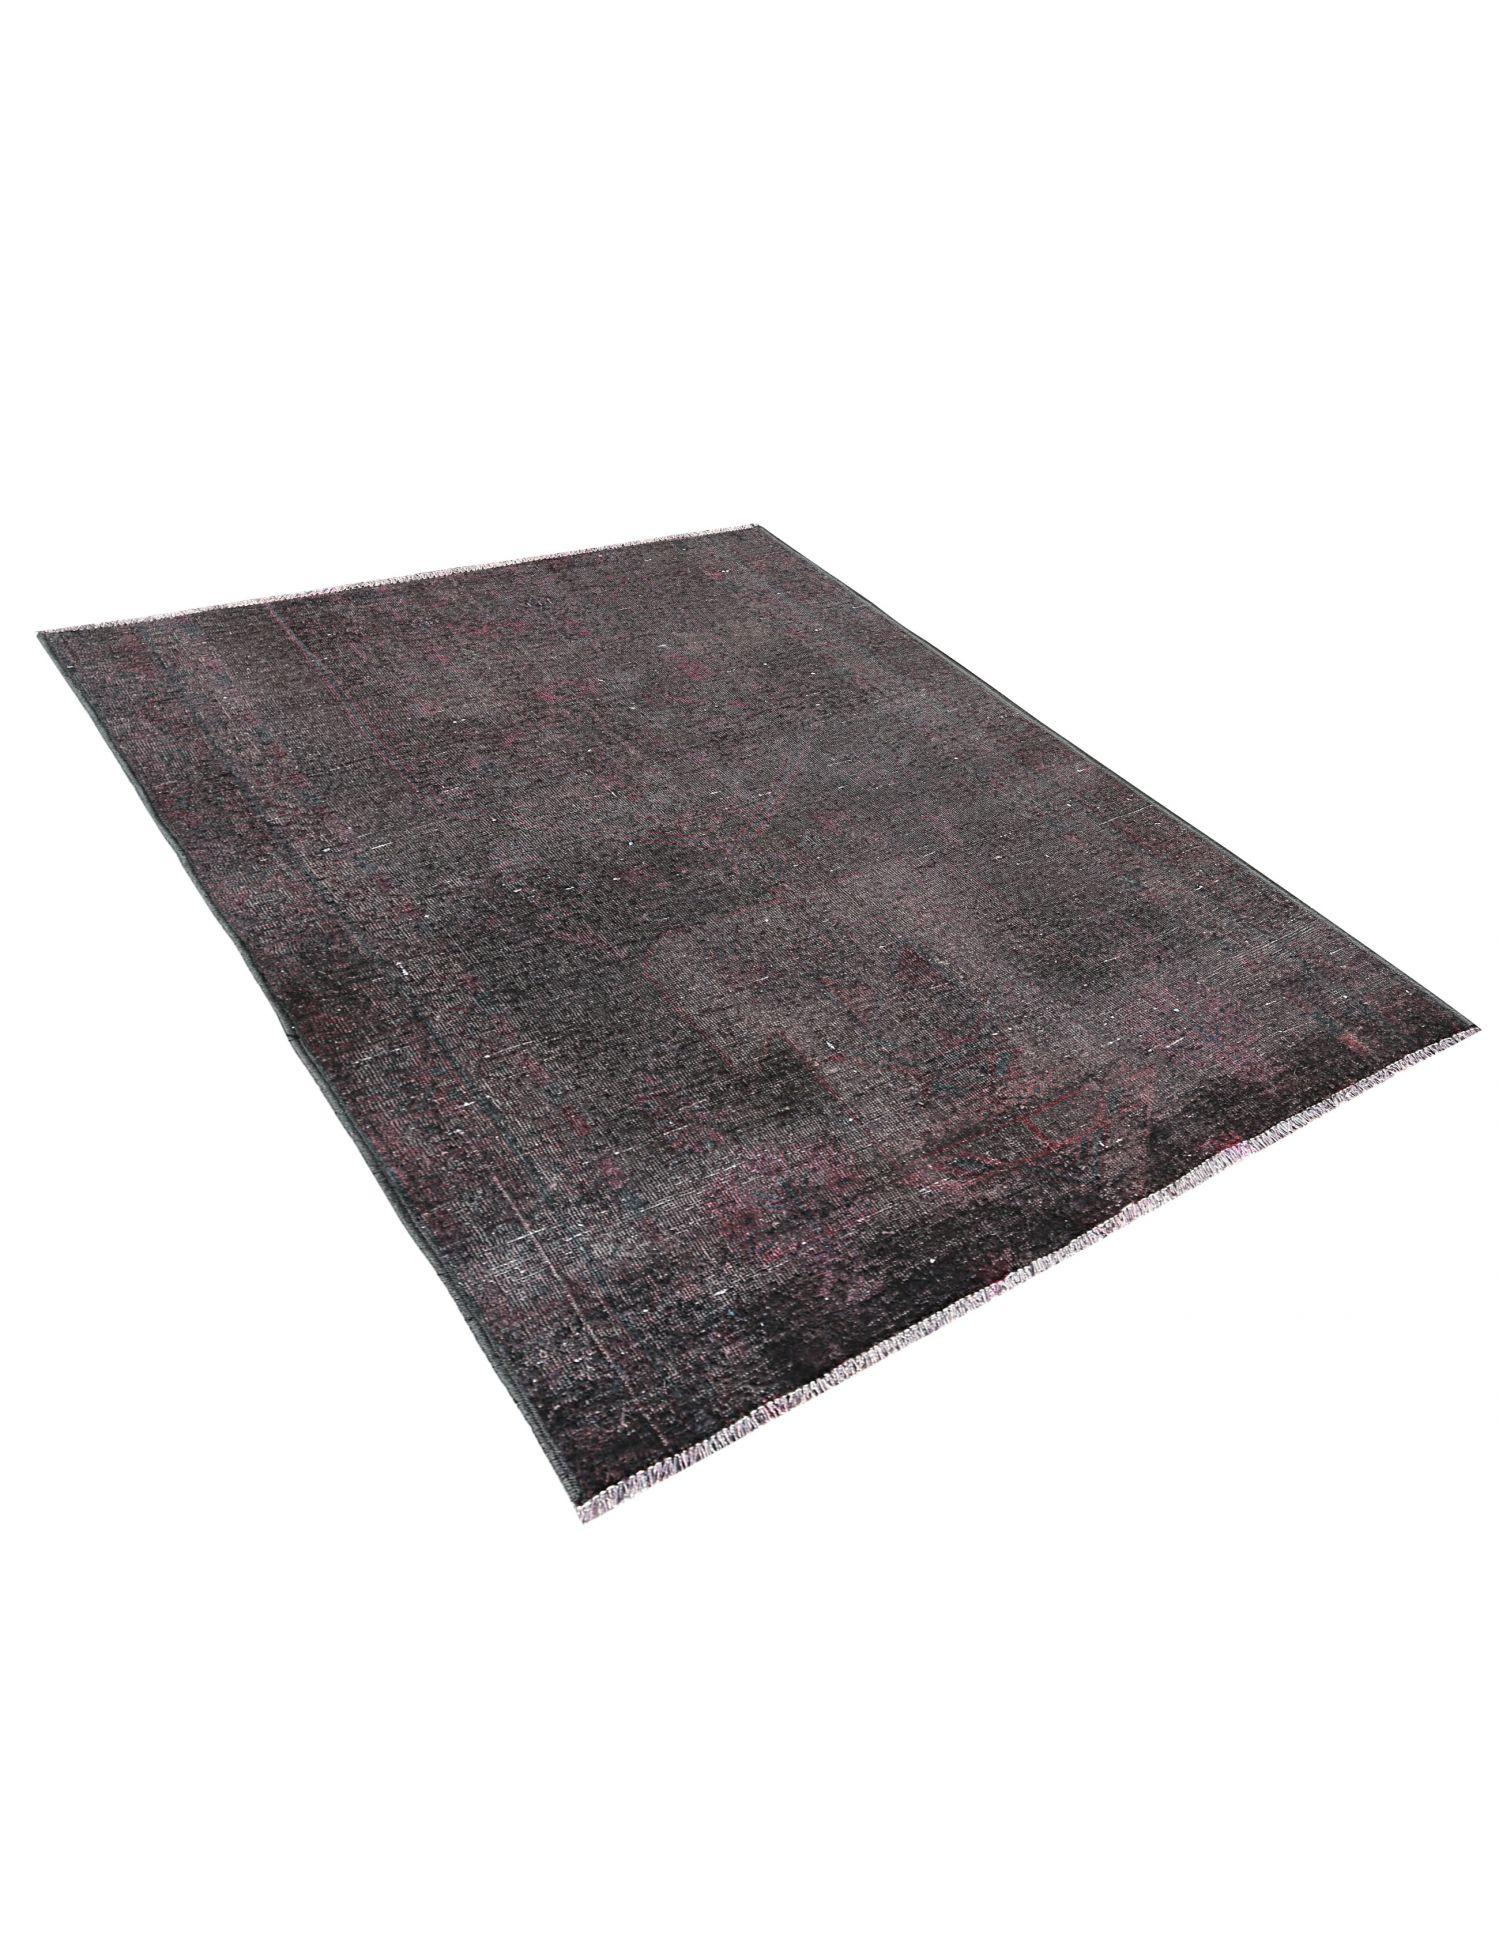 Vintage Teppich  schwarz <br/>178 x 130 cm